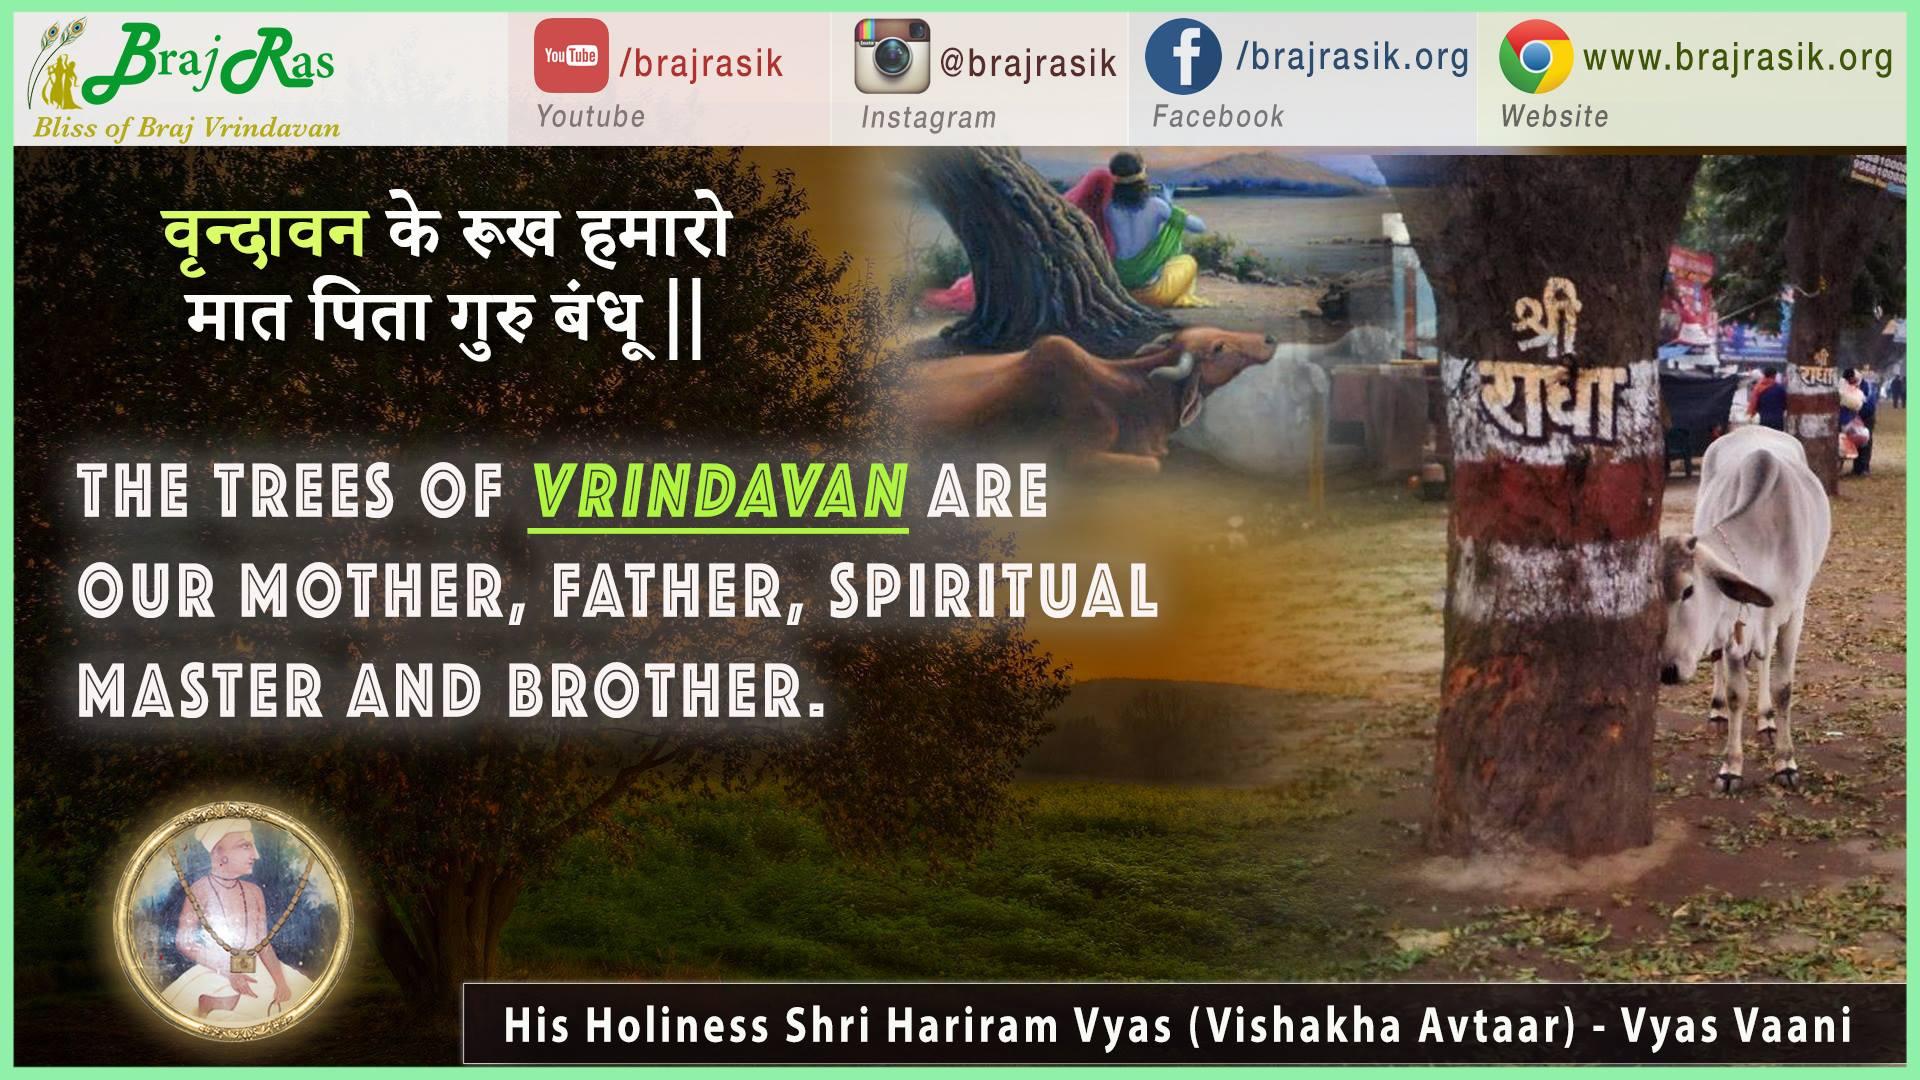 Vrindavan Ke Rookh Humaro Mat Pita Guru Bandhu - His Holiness Shri Hariram Vyas (Vishakha Avtaar) - Vyas Vani